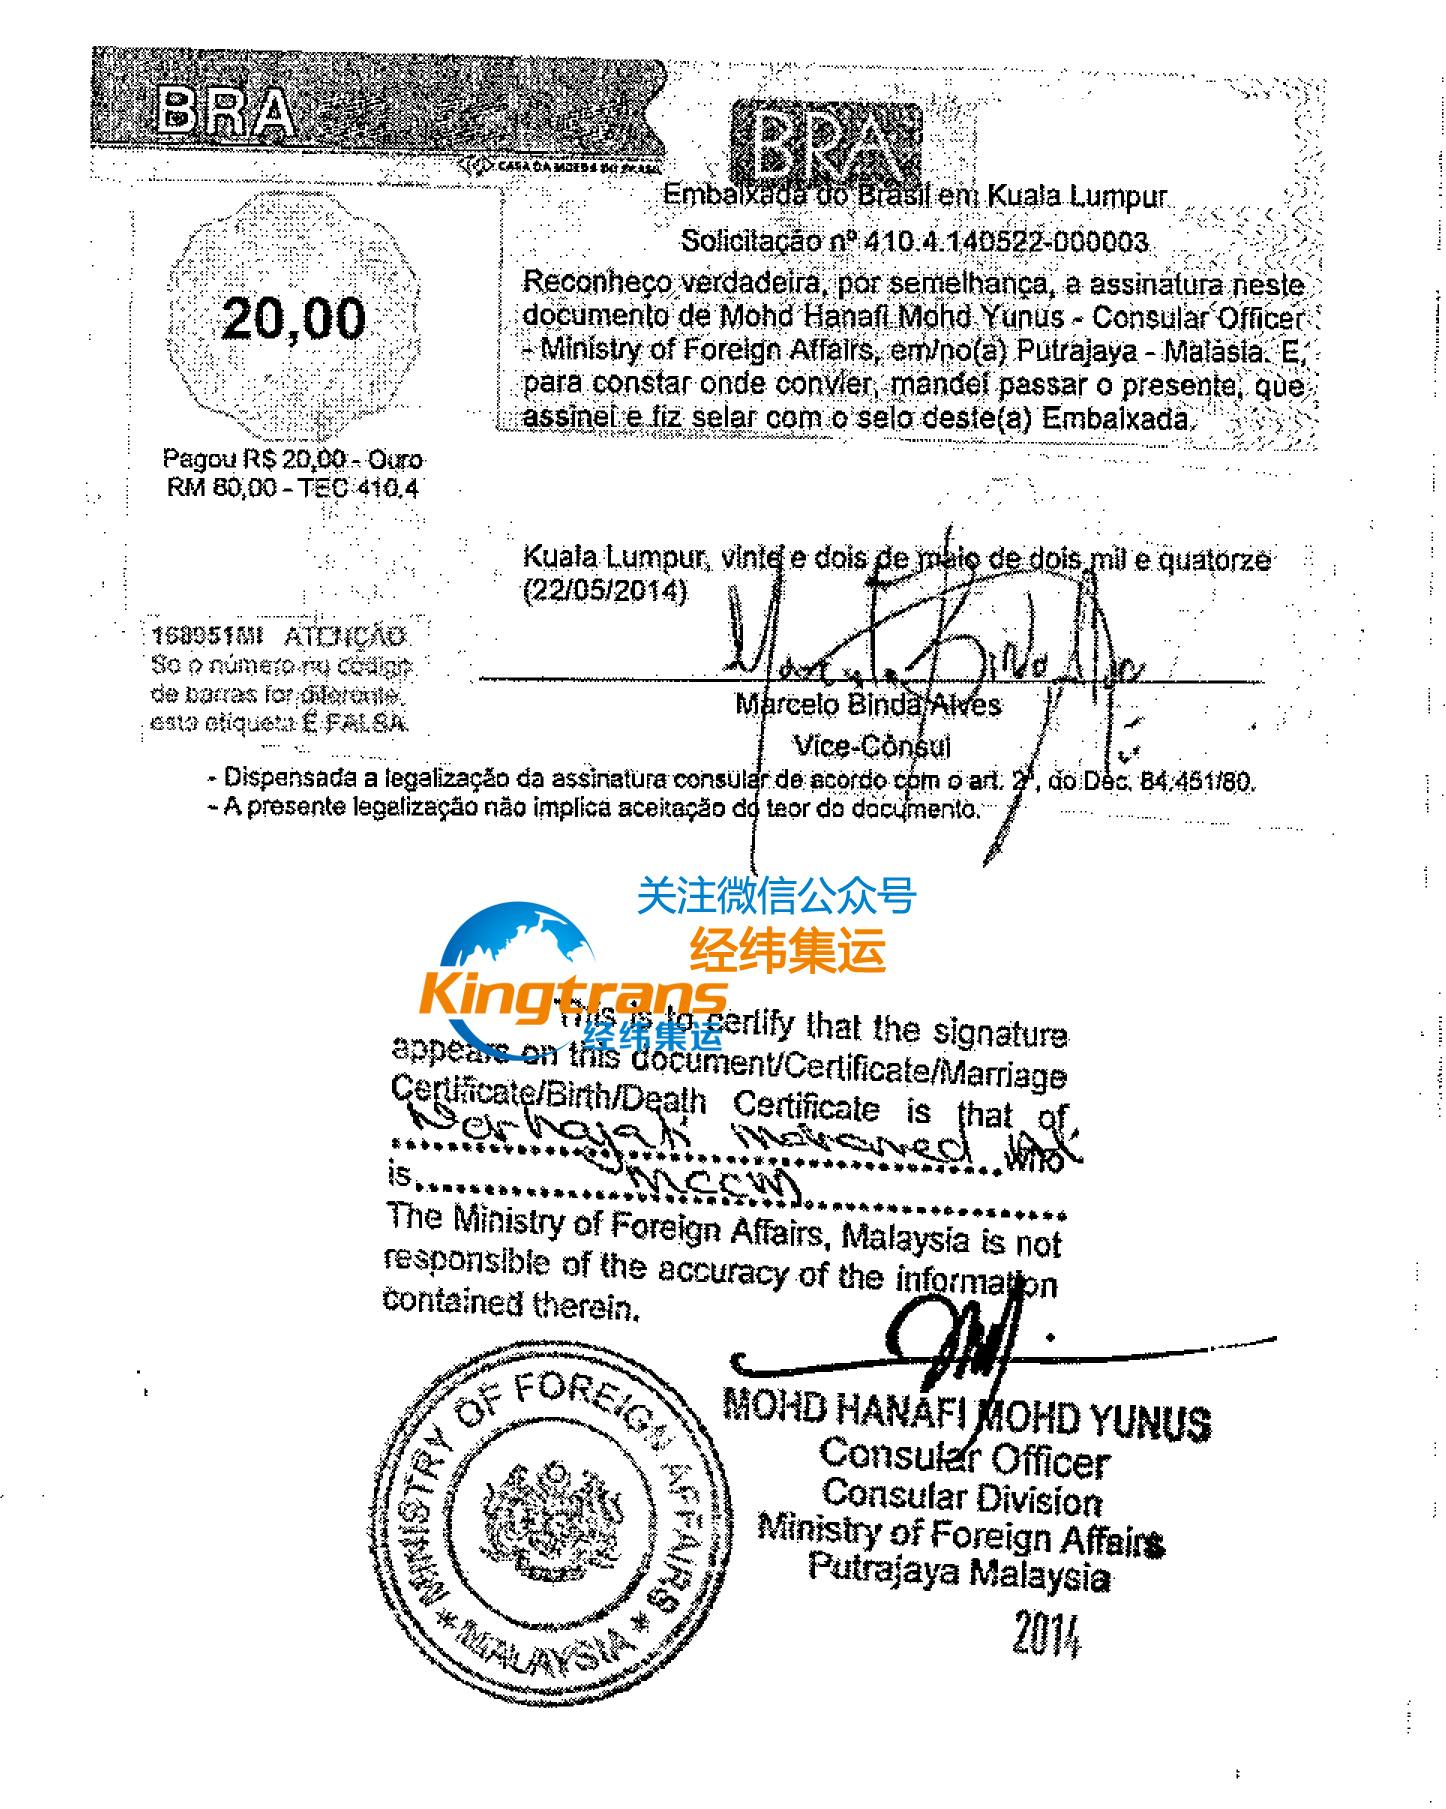 钢管反倾销马来西亚转口贸易巴西大使馆加签解决案例2014